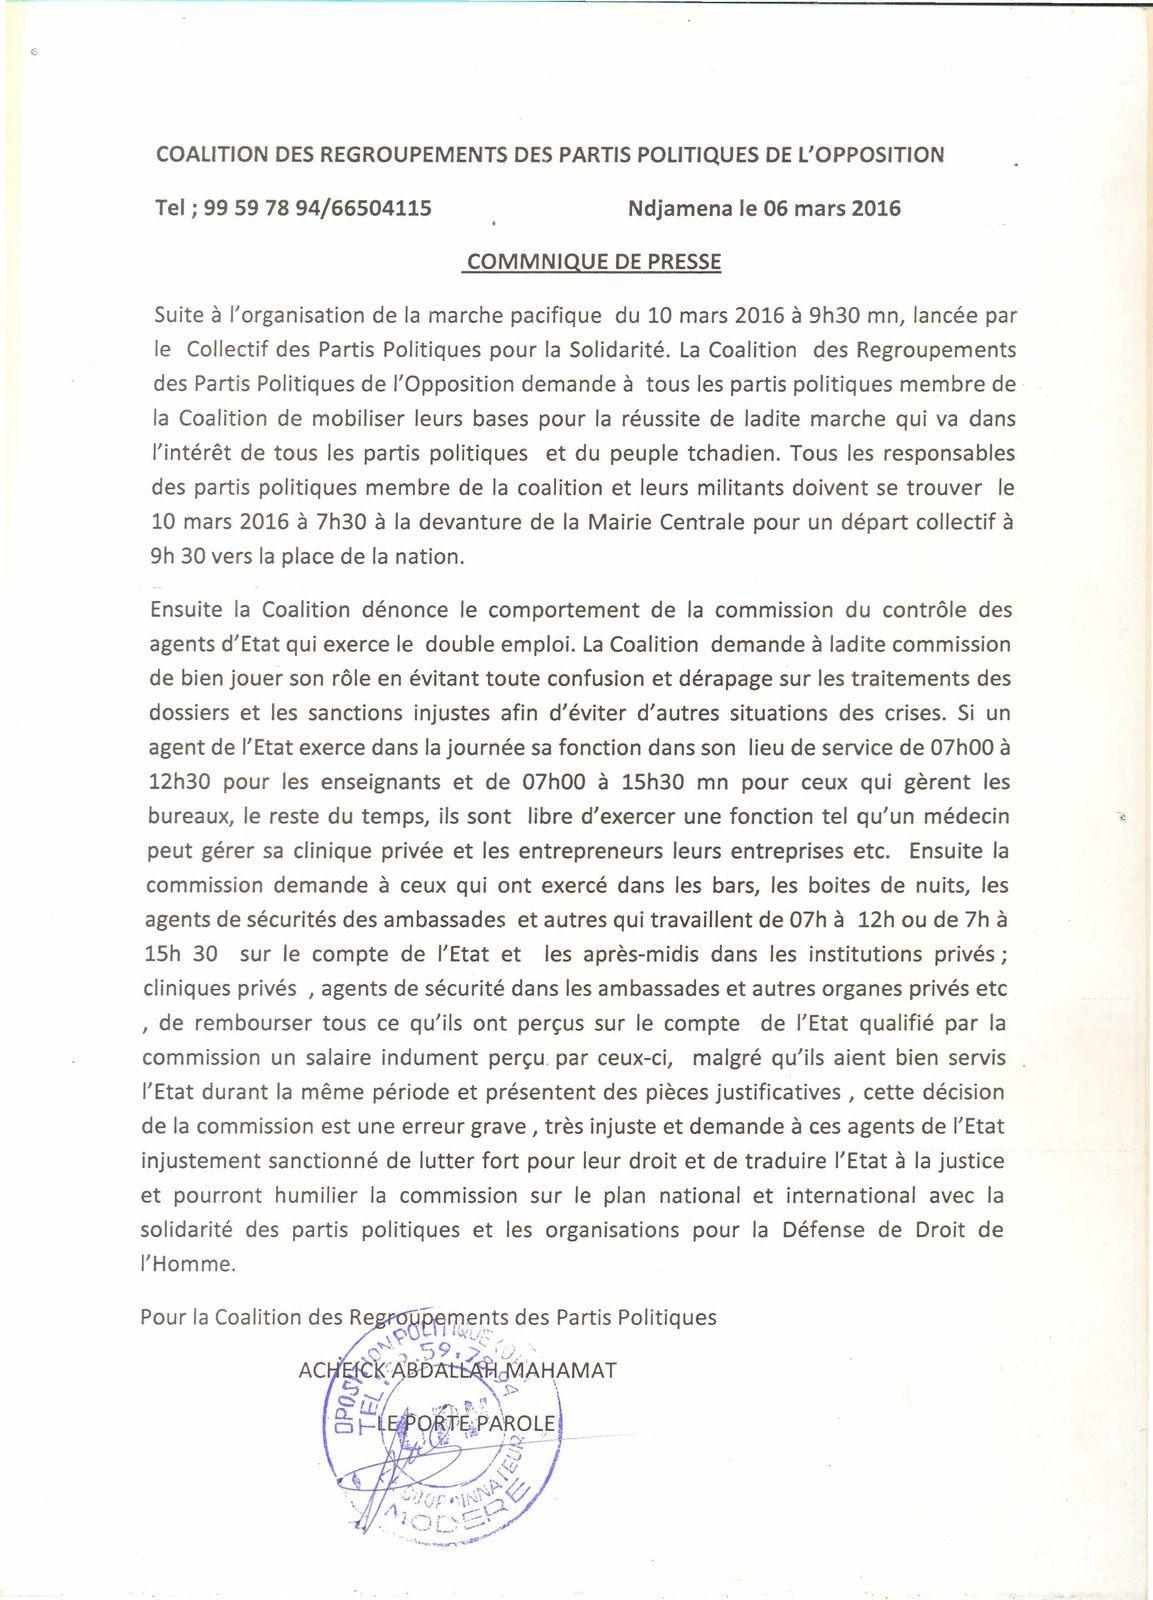 Marche 10 mars 2016: la CRPPO appelle à la mobilisation générale au Tchad